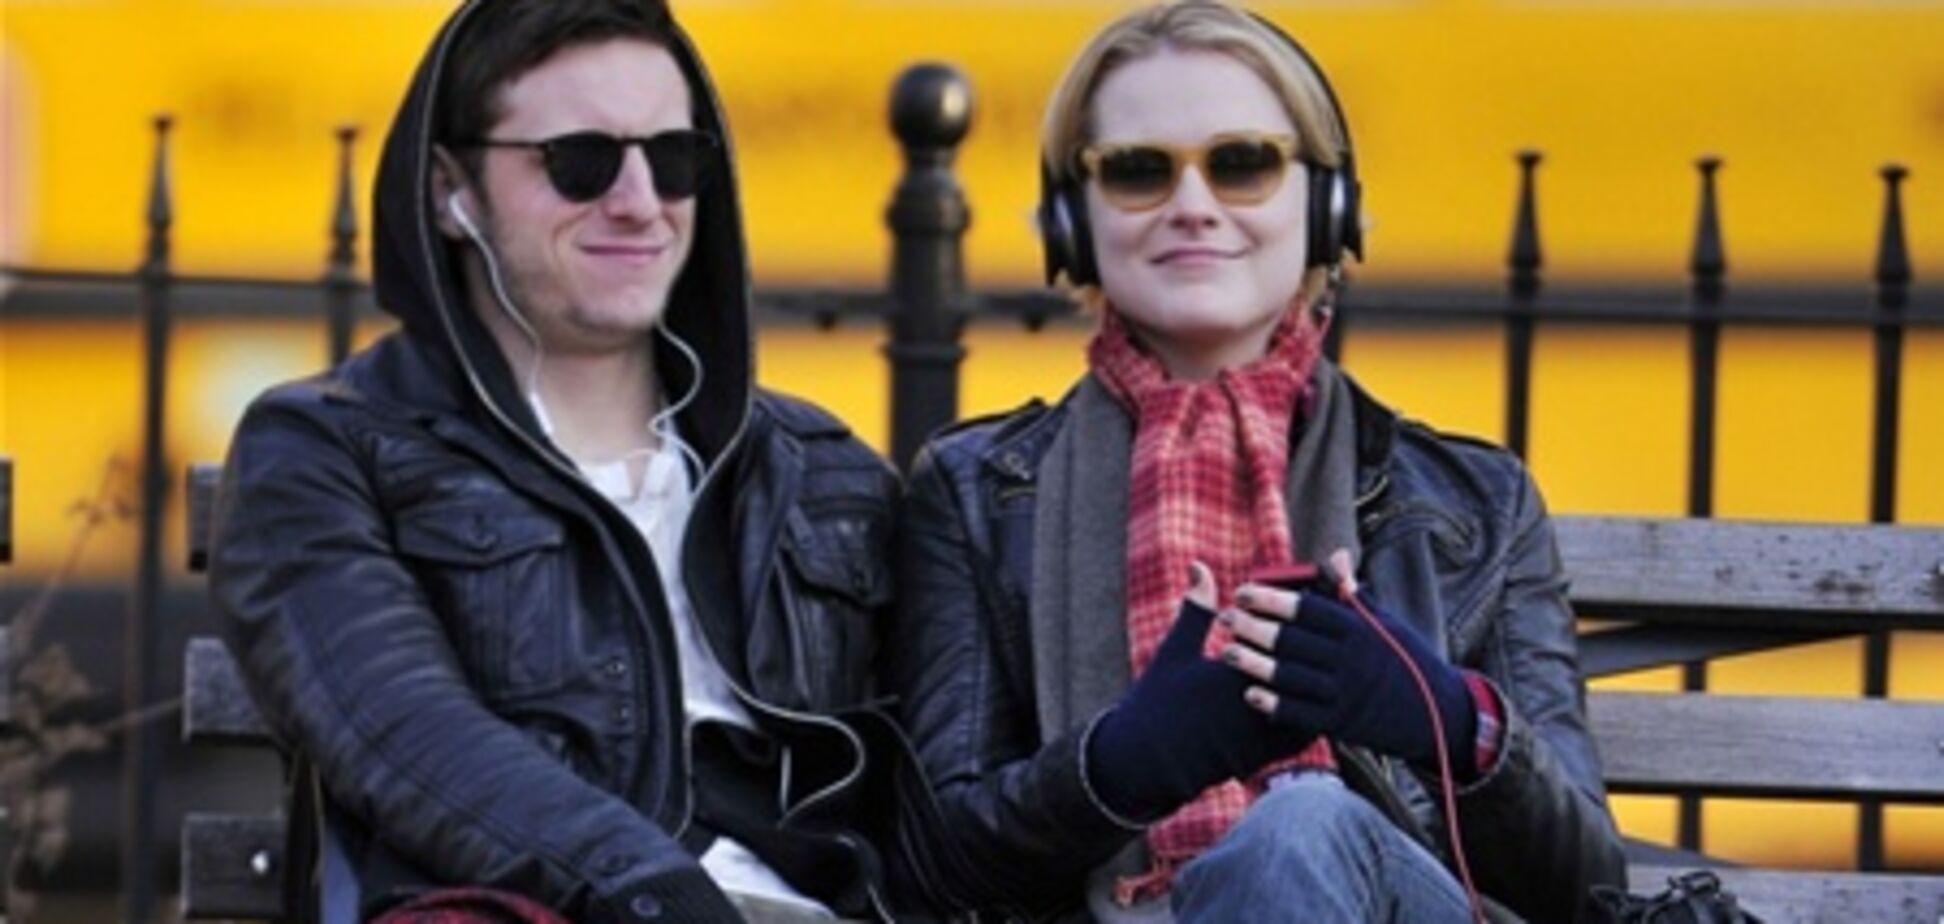 Эван Рэйчел Вуд слушает музыку на свидании. Фото